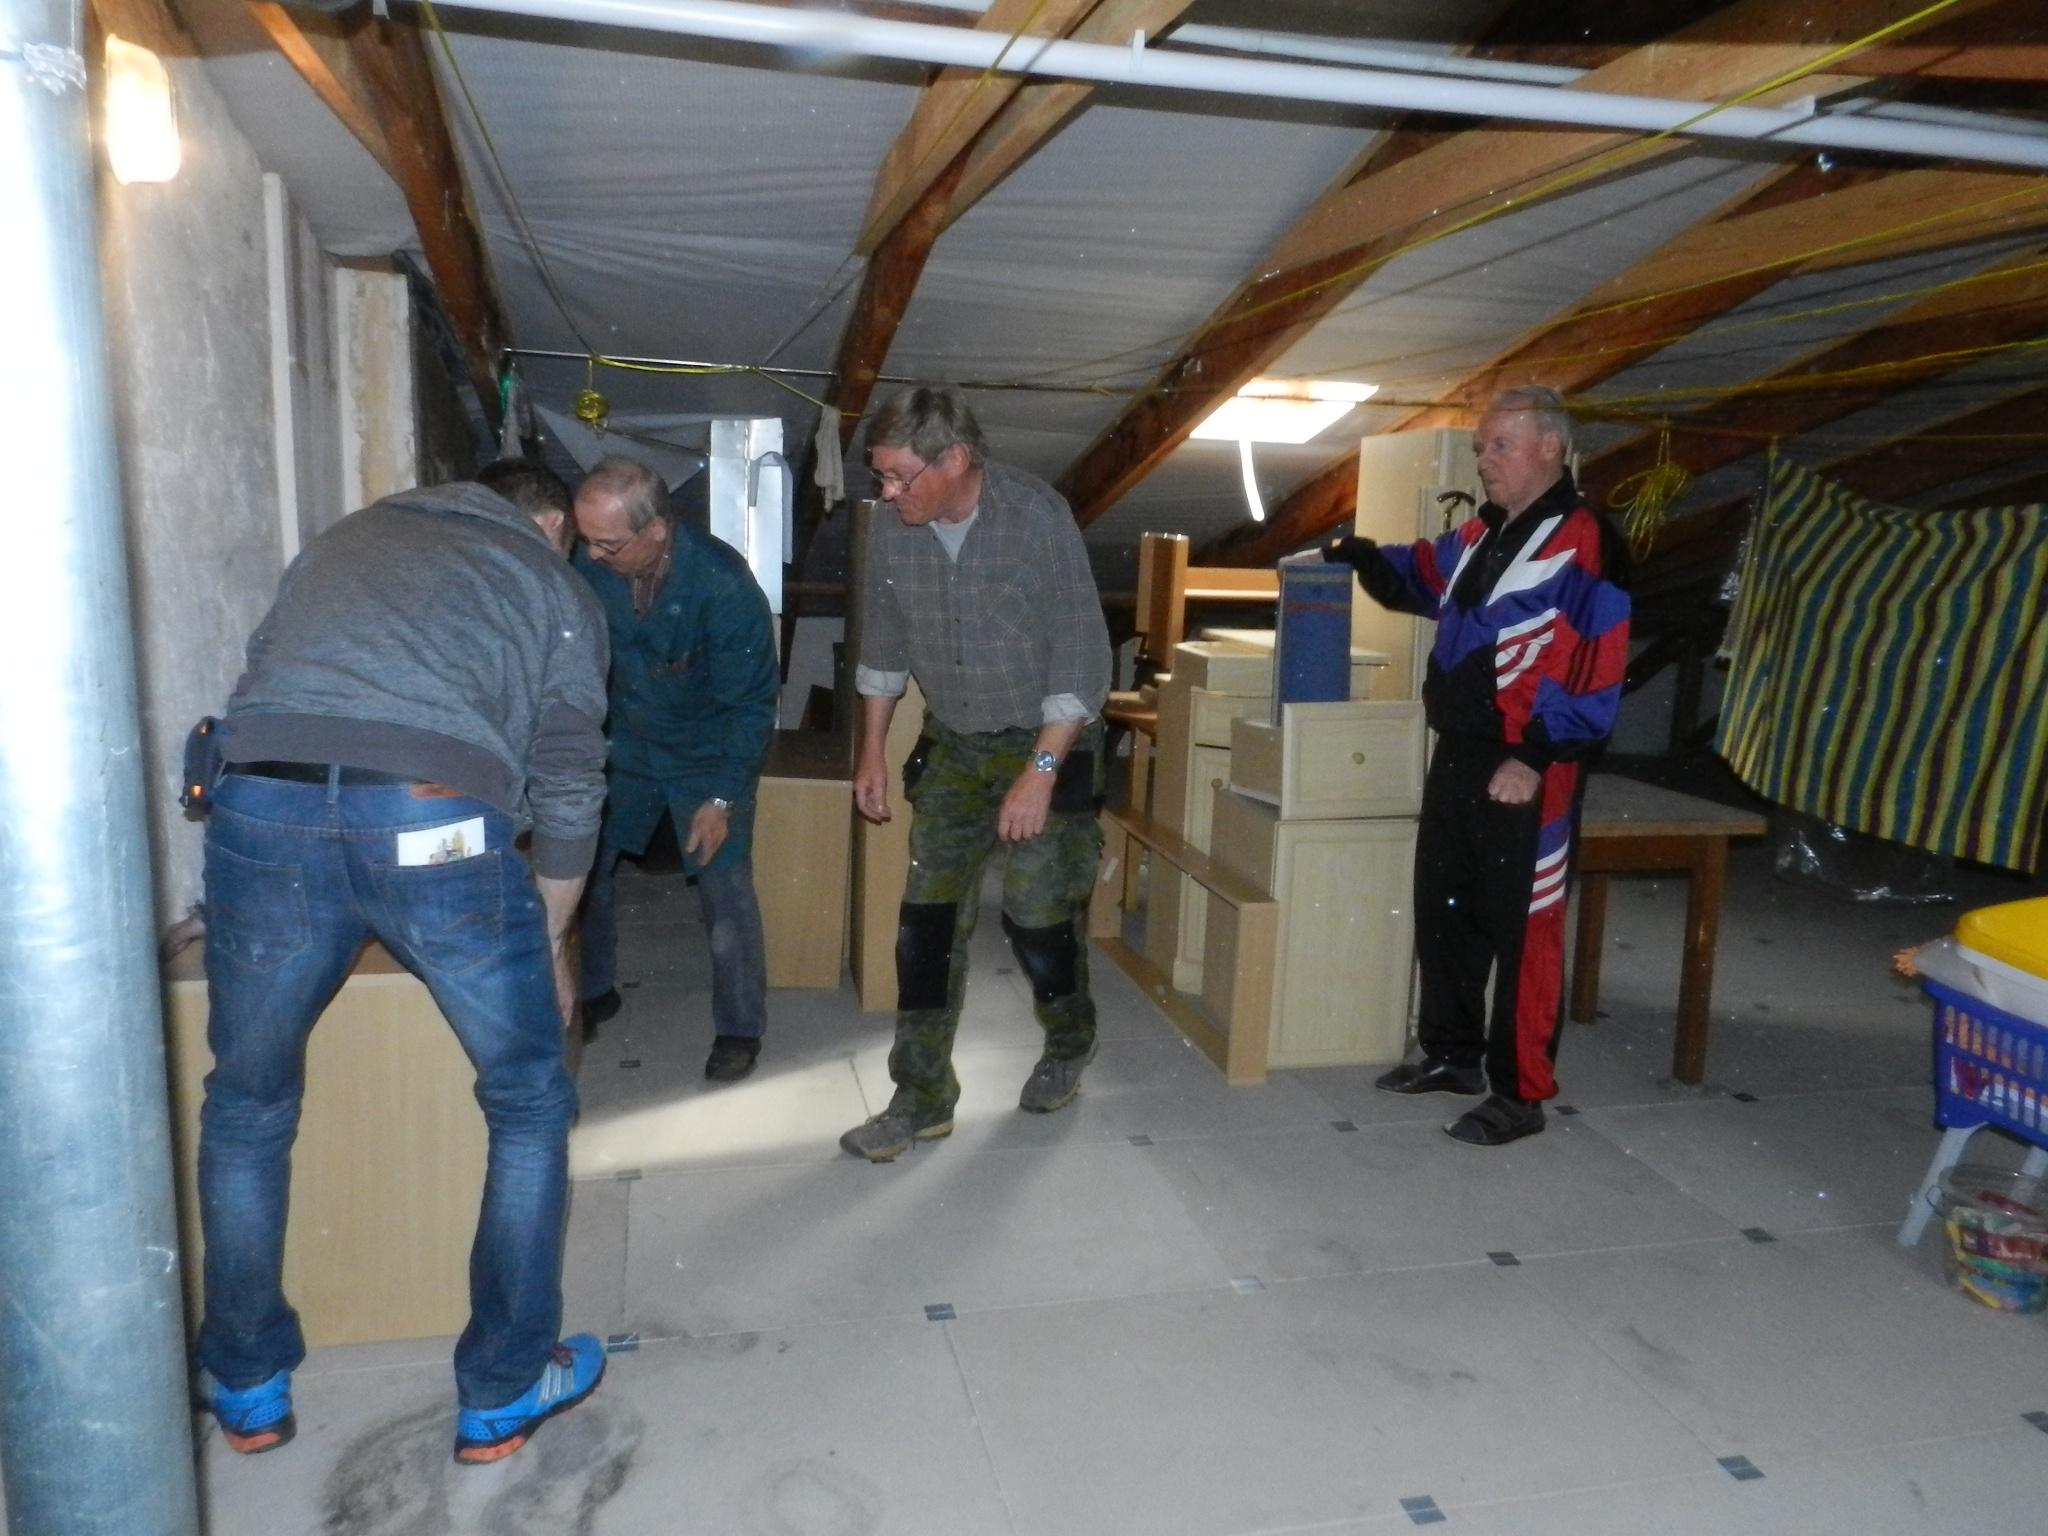 Umzug ins Pflegeheim. die Möbel werden im Dachboden zwischengelagert. Starke Männer helfen.